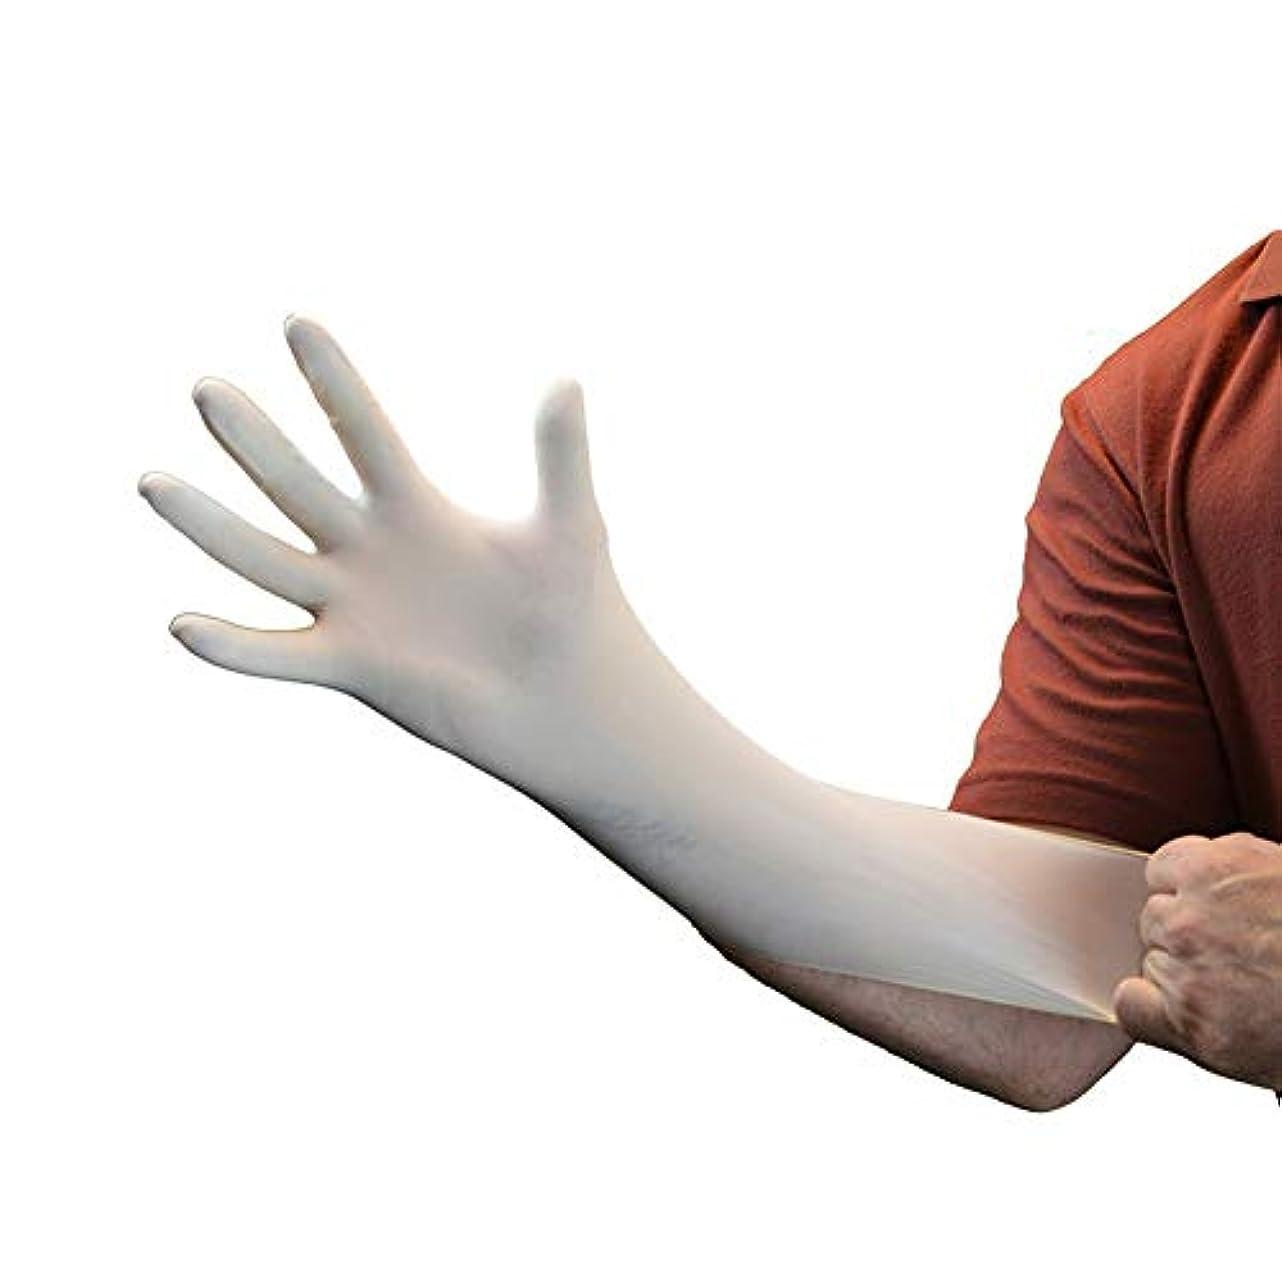 熟すエイリアン論文使い捨てラテックス手袋 - パウダーフリーの歯科技工所労働保護製品をマッサージ YANW (Color : White, Size : XS)